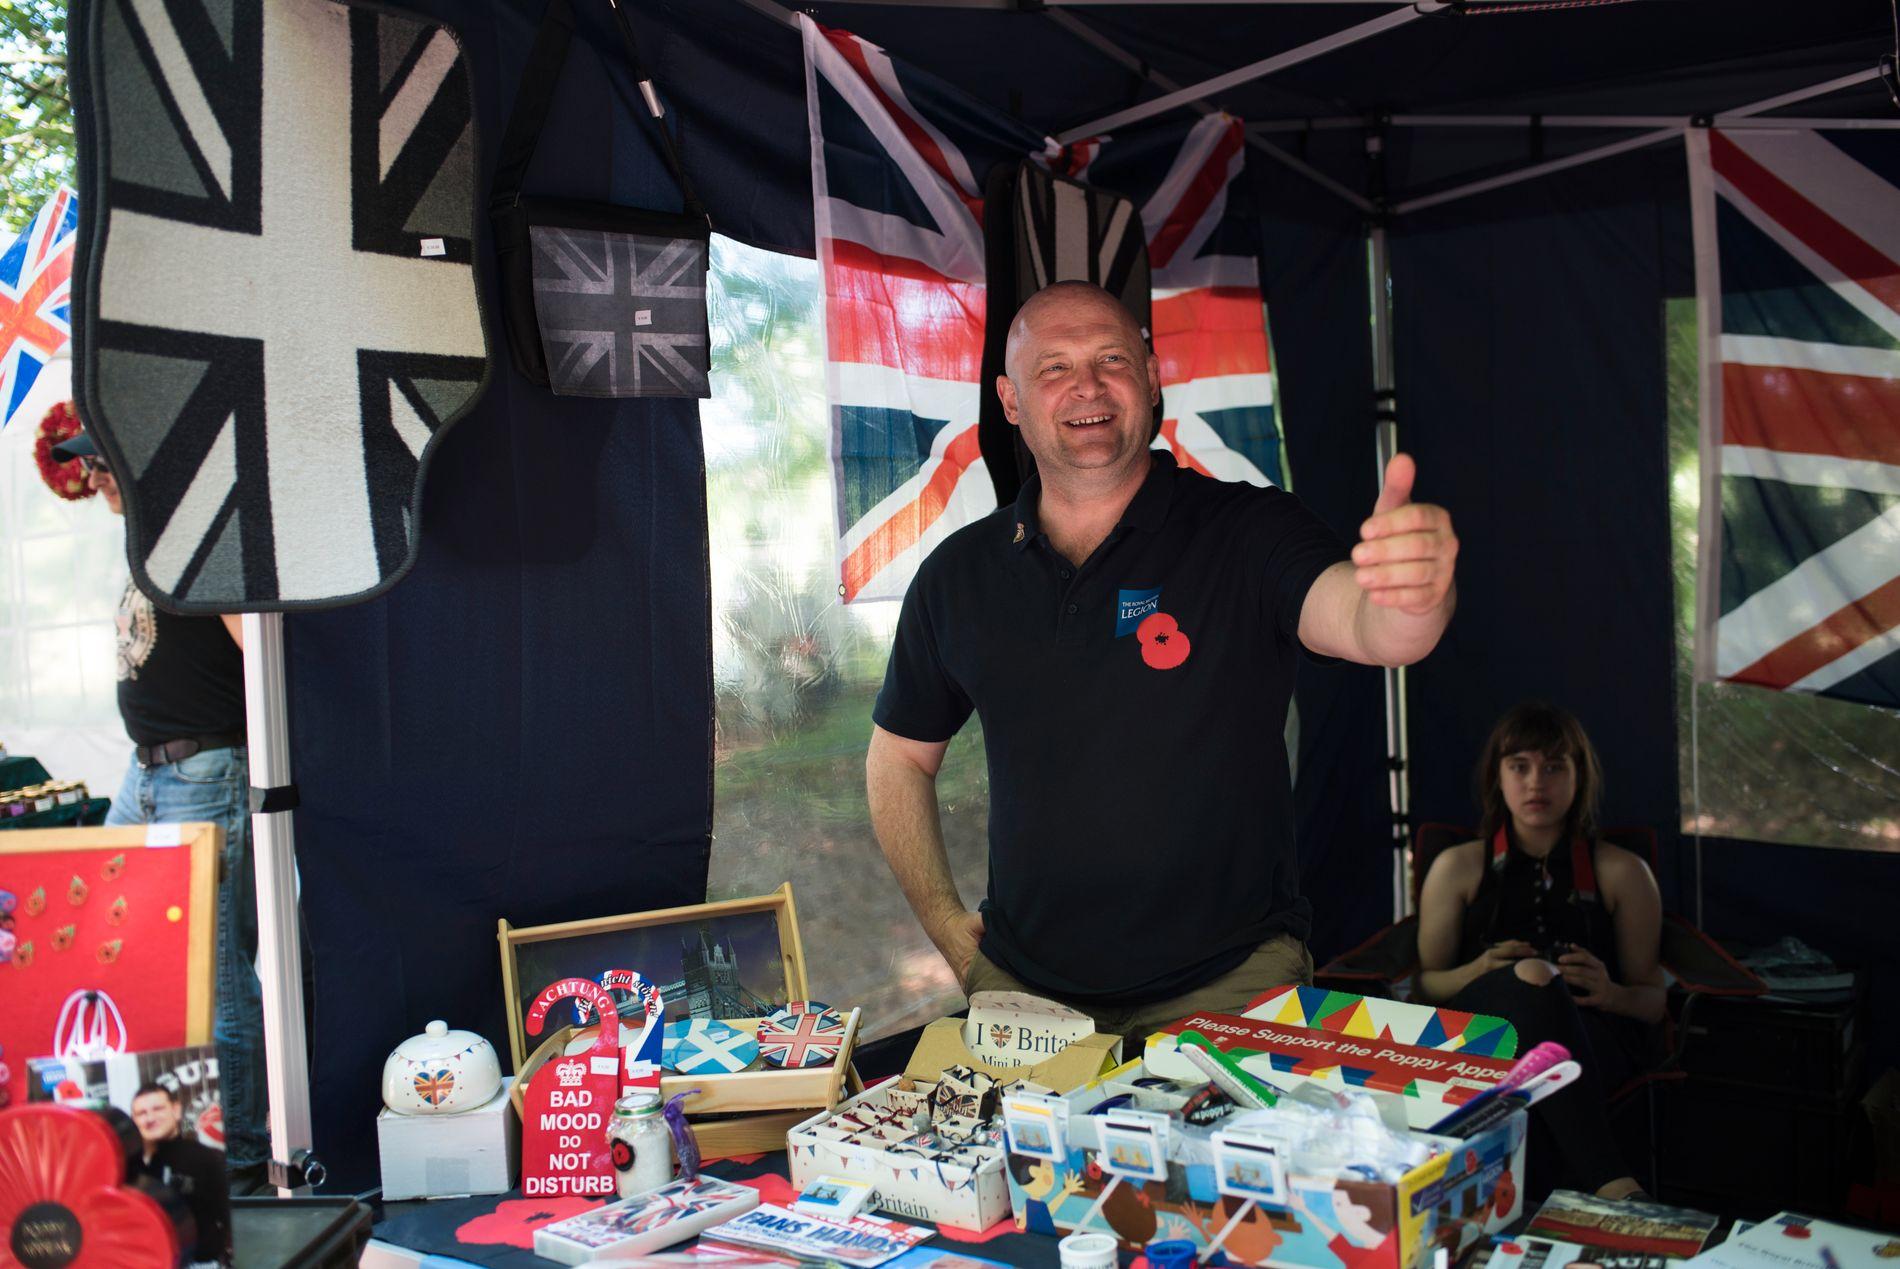 VIL BLI I EU: Briten David Bret er en av nesten hundre tusen briter i Tyskland. Han selger effekter til inntekt for britiske krigsveteraner. Hverdagen hans som fastboende i utlandet kan bli dramatisk forandret dersom Storbritannia går ut av EU.